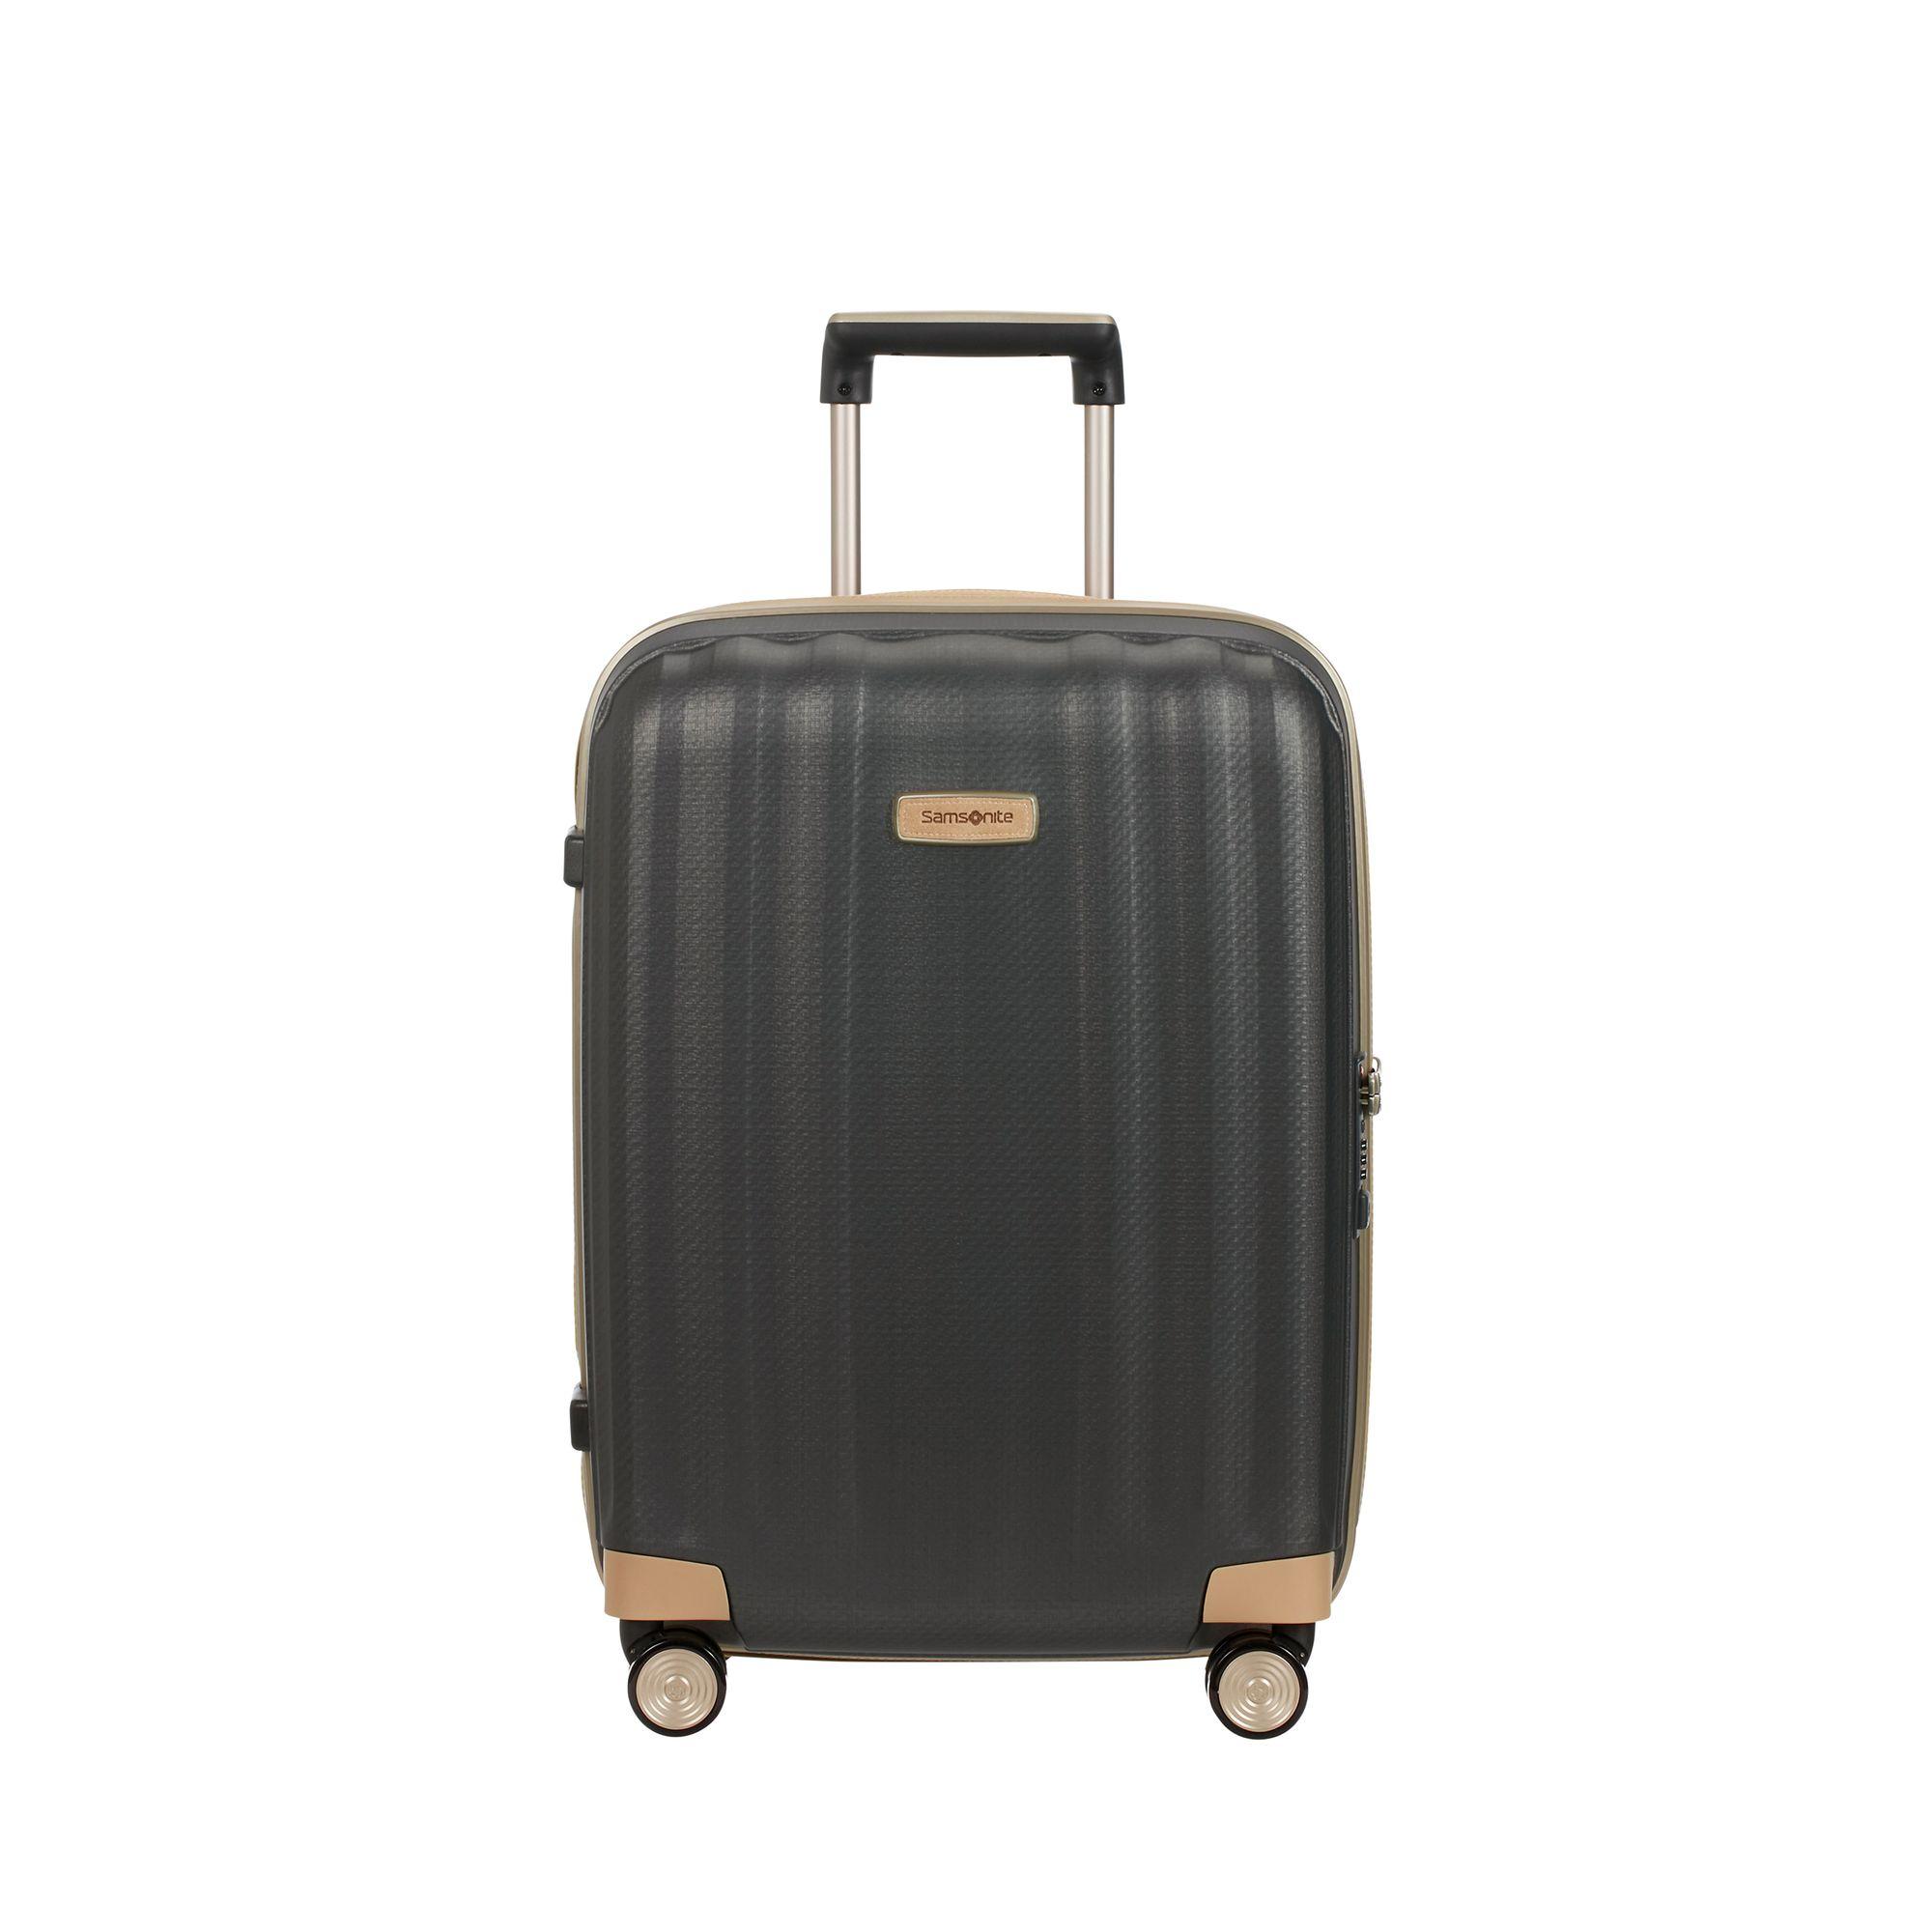 Samsonite Lite-Cube Prime kabinväska, 55 cm, Mörkgrå